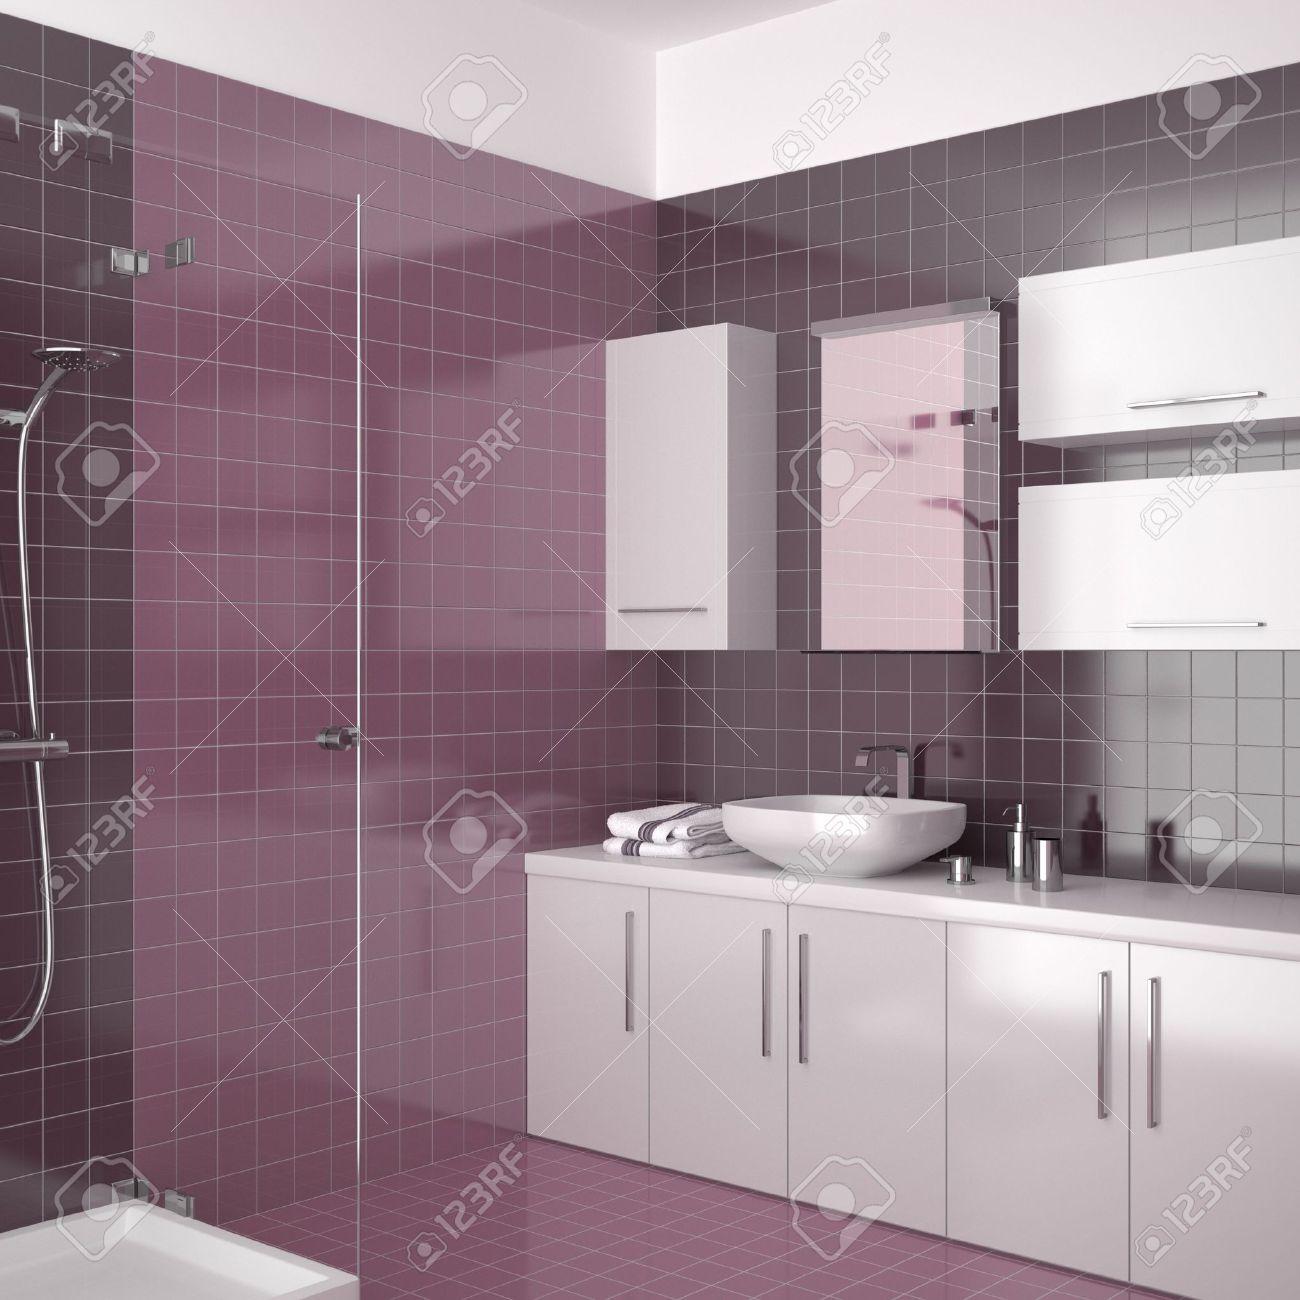 Modernes Badezimmer Mit Lila Fliesen Lizenzfreie Bilder   8638956